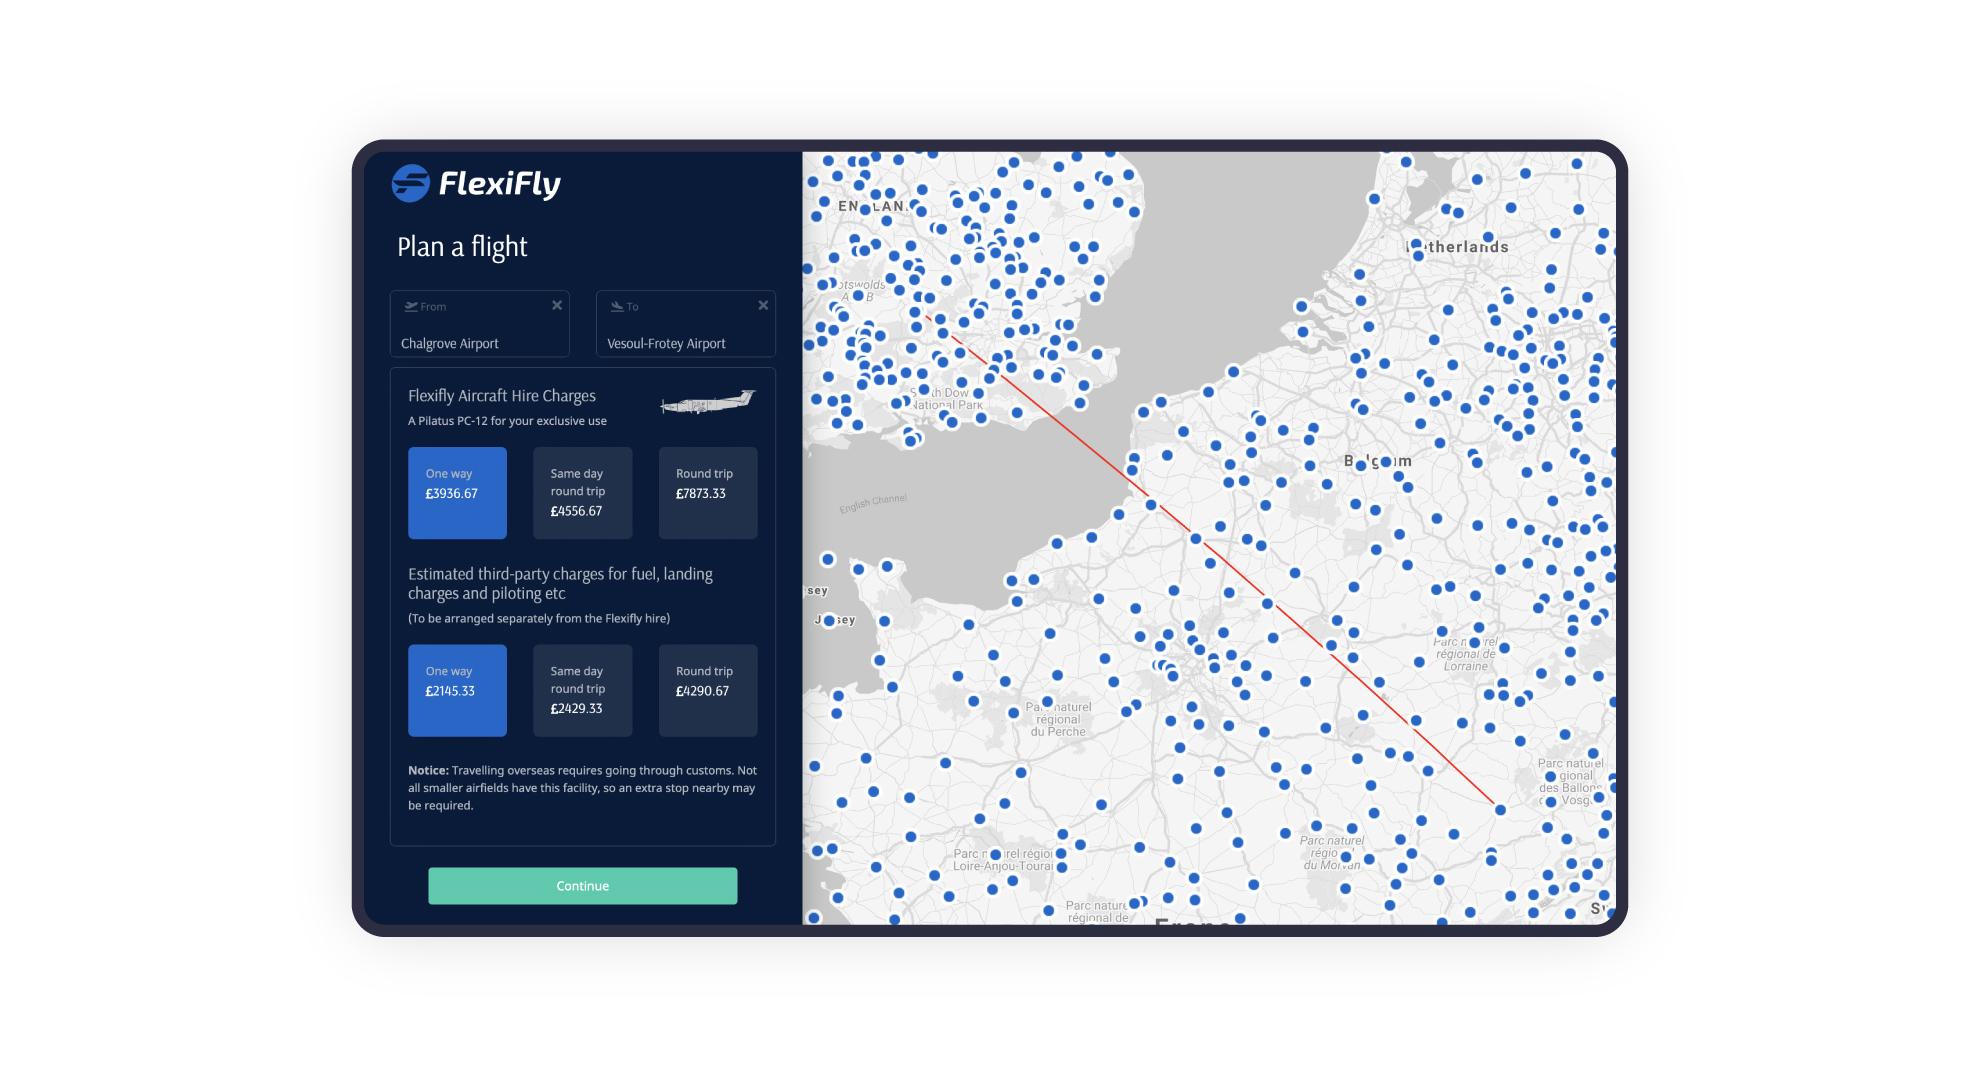 Flexifly flight booking system